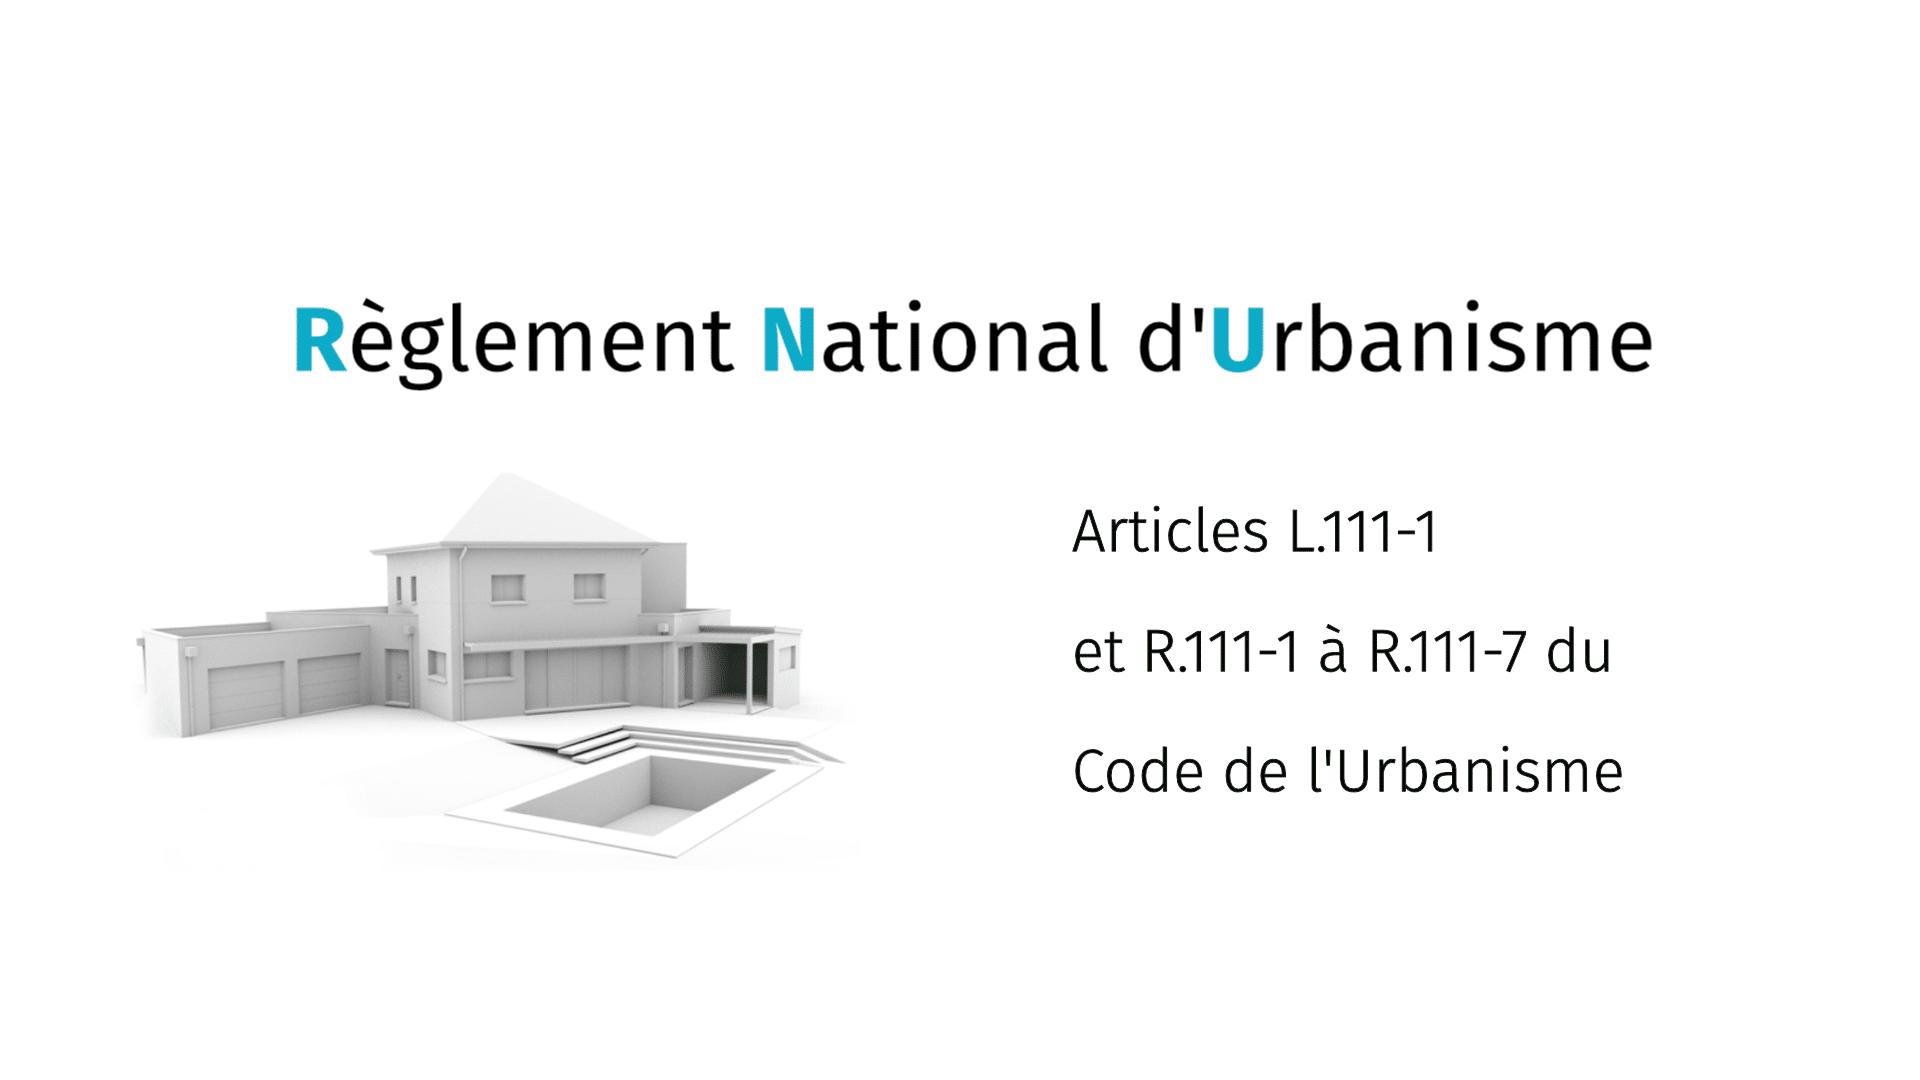 Le règlement national d'urbanisme et ses articles